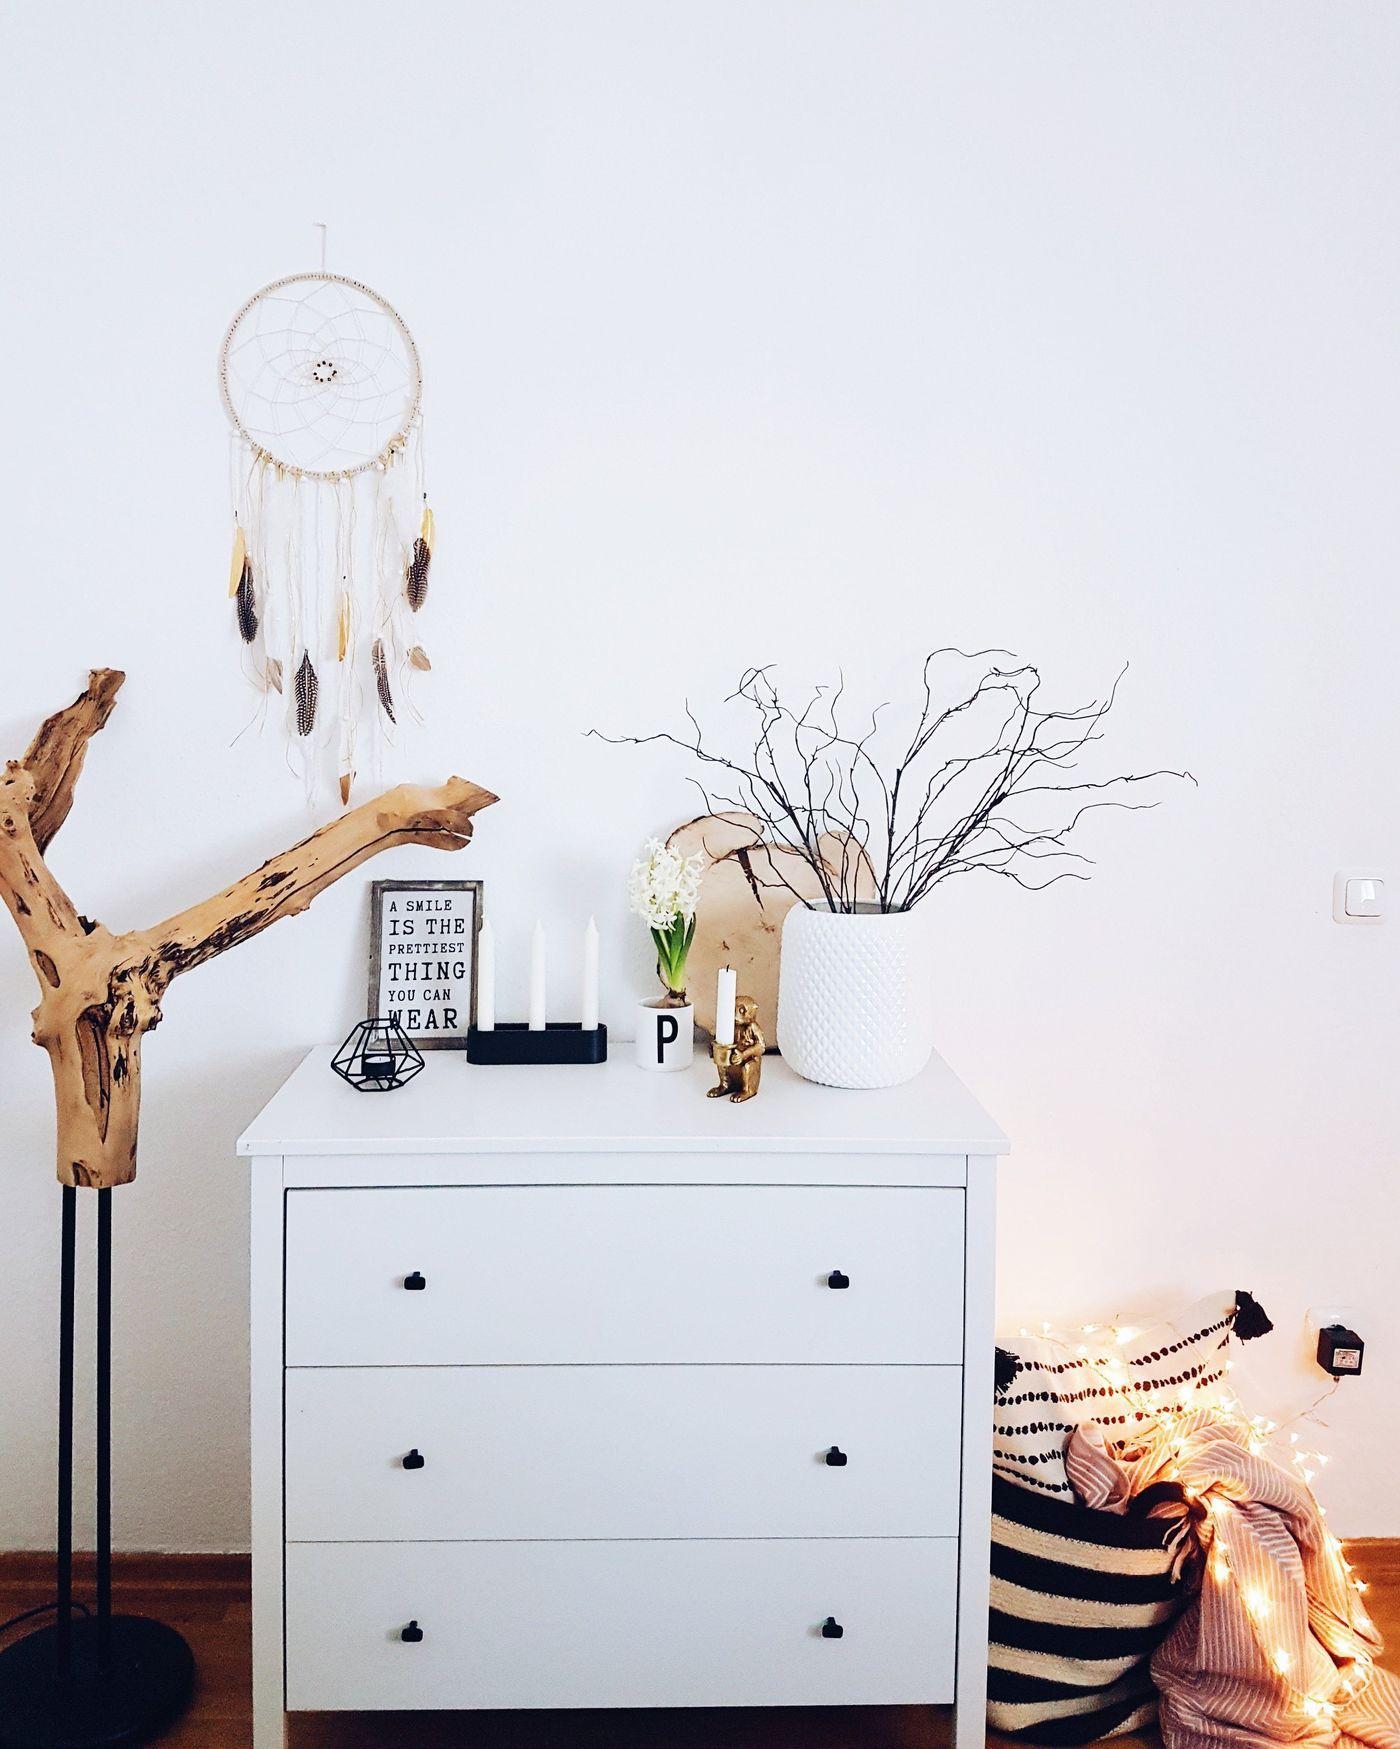 Ikea Schlafzimmer Ideen Hemnes: Schlafzimmer Hemnes Ideen. Gardinen Ideen Schlafzimmer